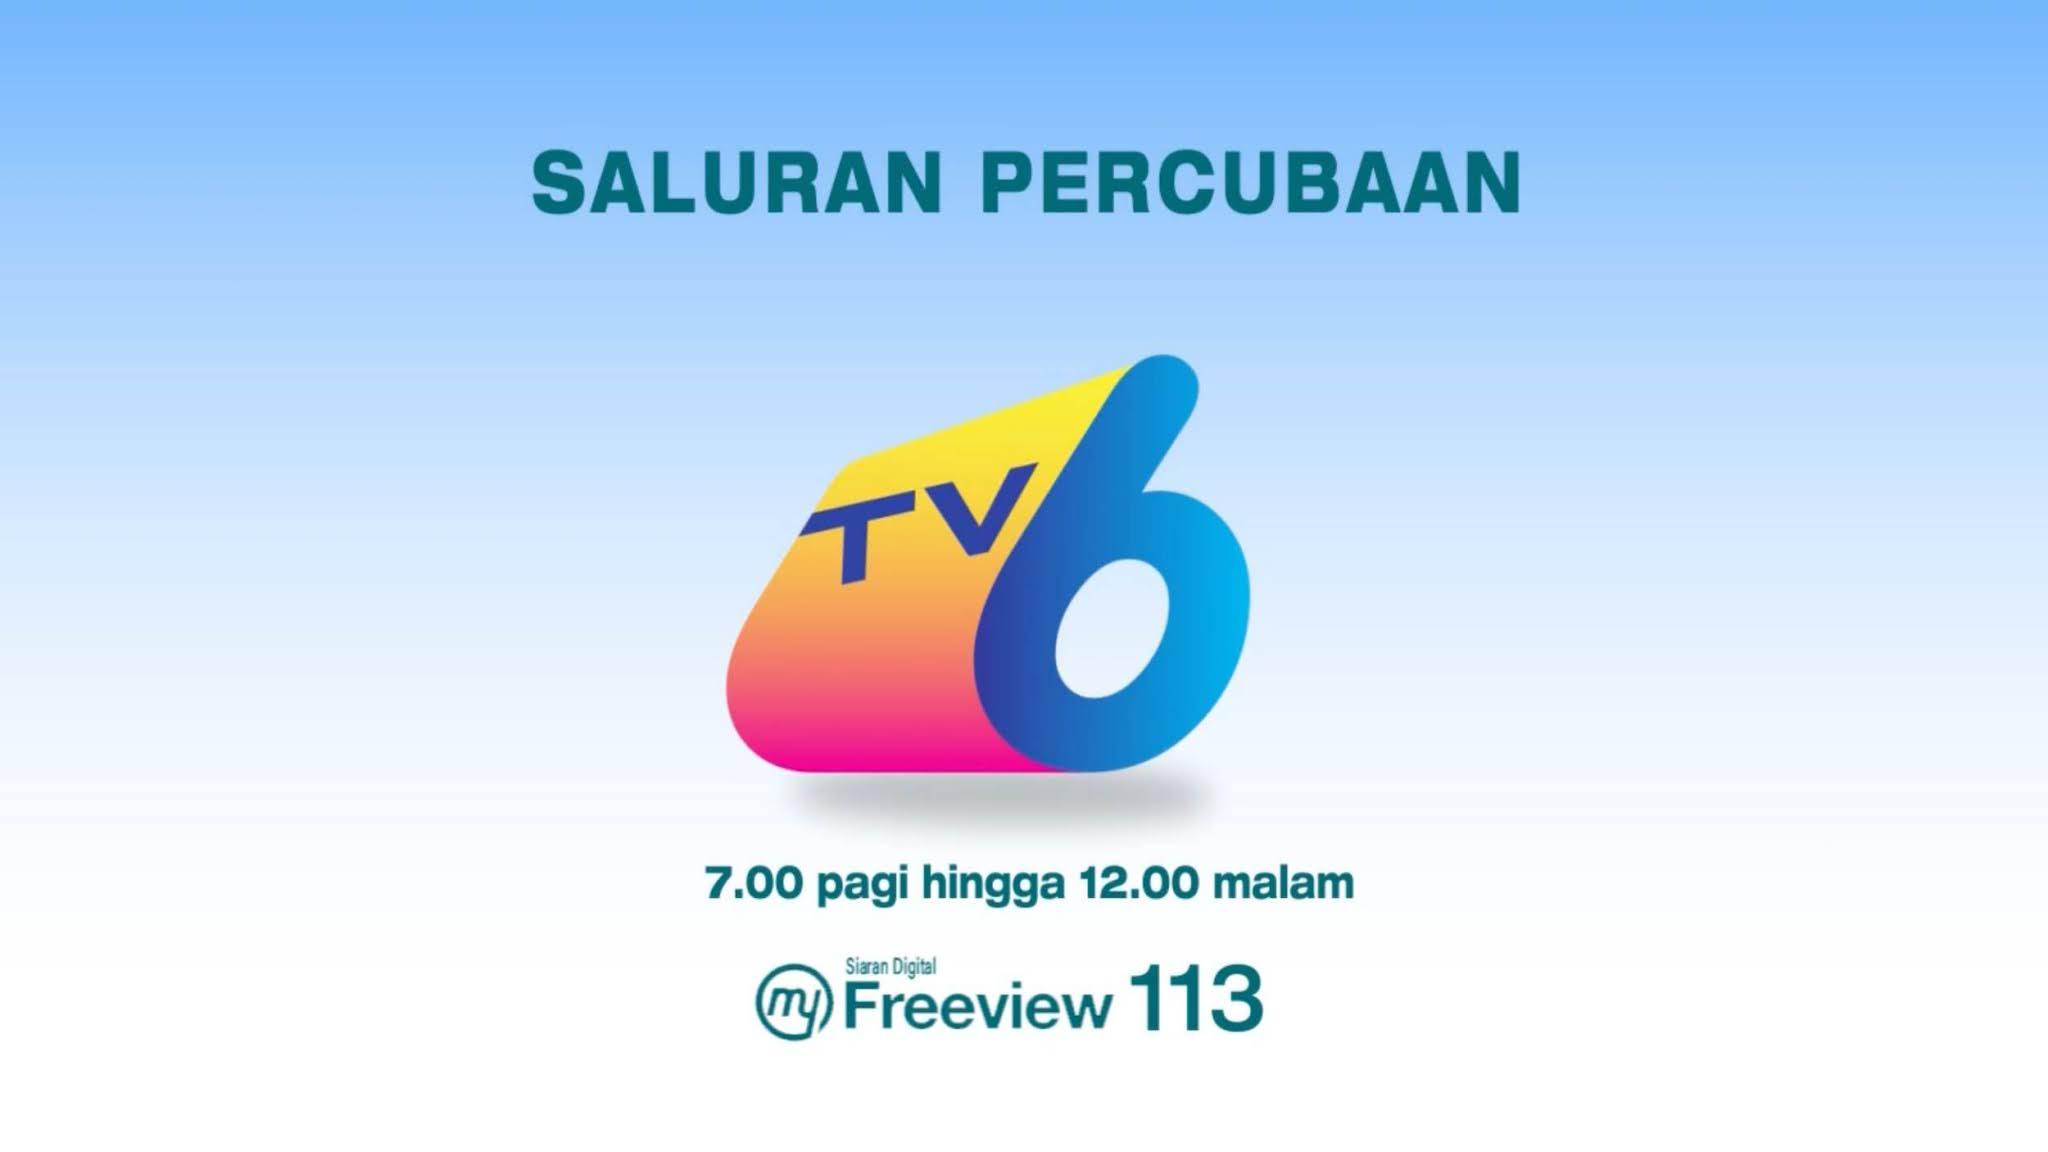 Kini Dalam Tempoh Percubaan. RTM Akan Lancarkan TV6 Tidak Lama Lagi